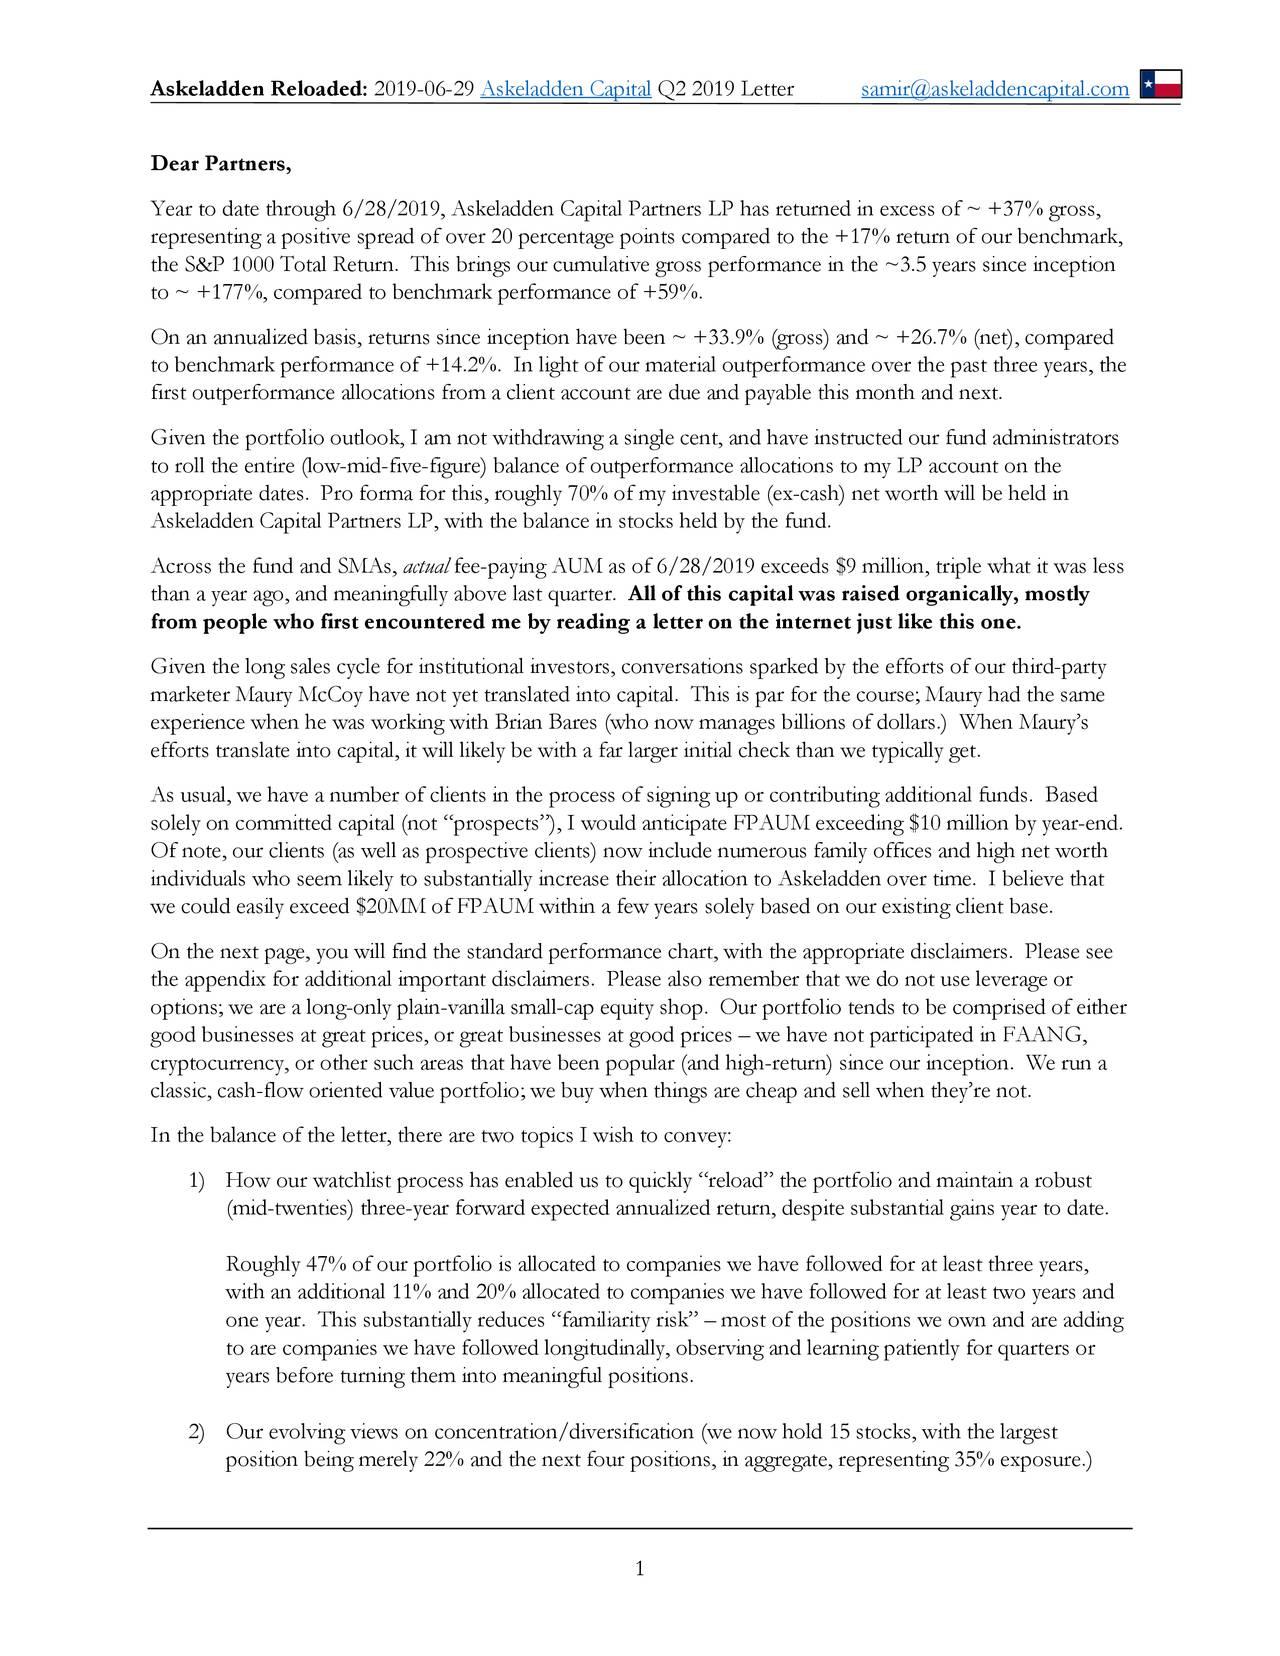 Askeladden Capital - Q2 2019 Letter | Seeking Alpha